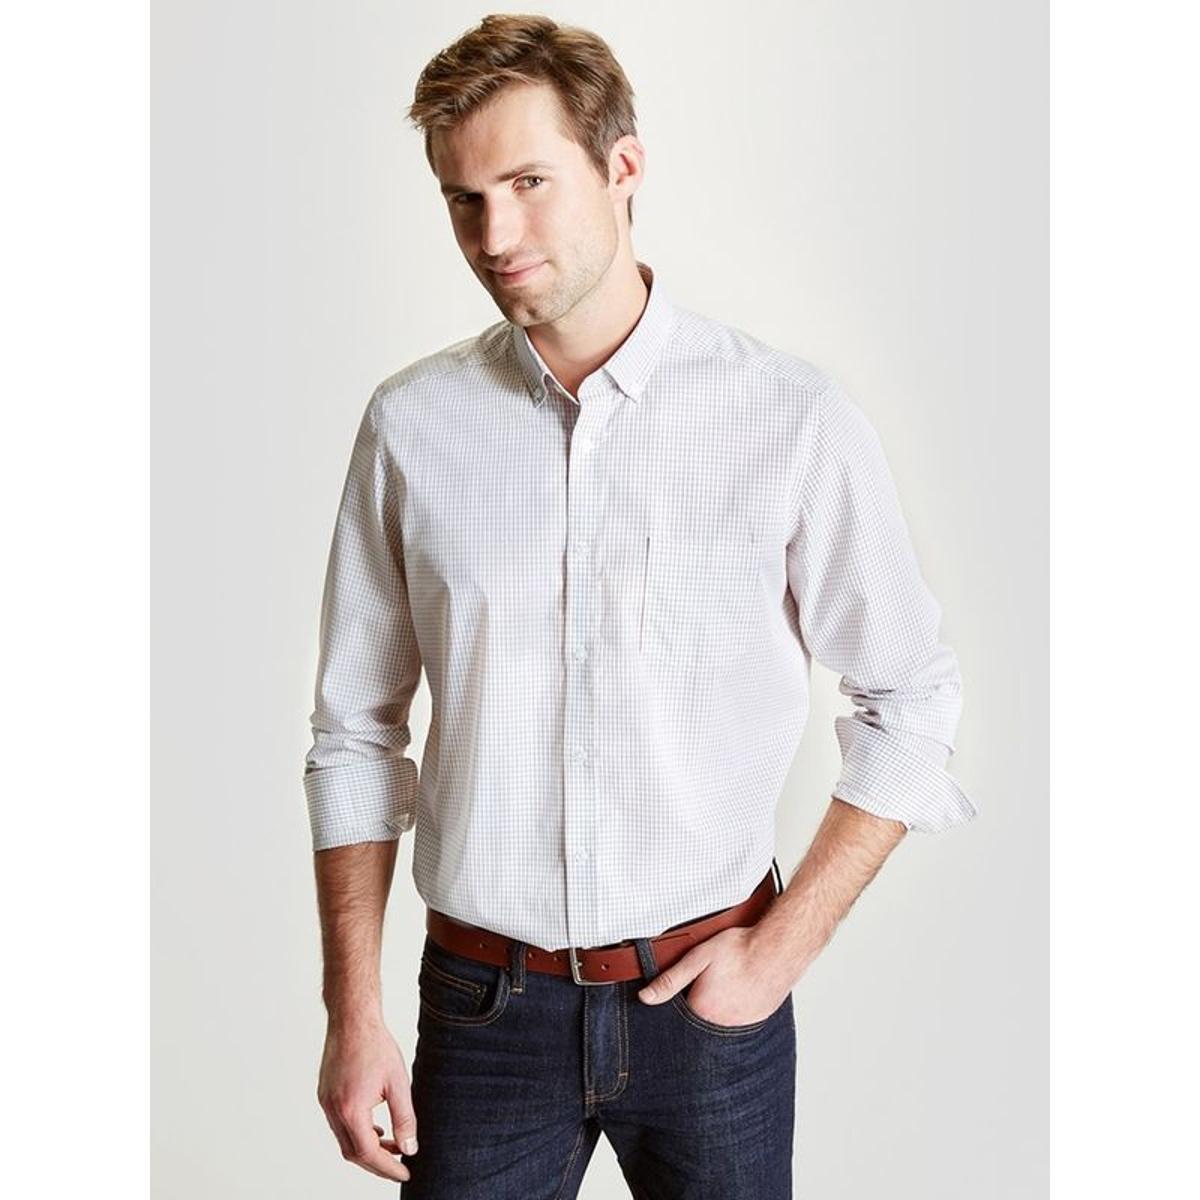 chemise homme classique carreaux vendu par la redoute 16879445. Black Bedroom Furniture Sets. Home Design Ideas